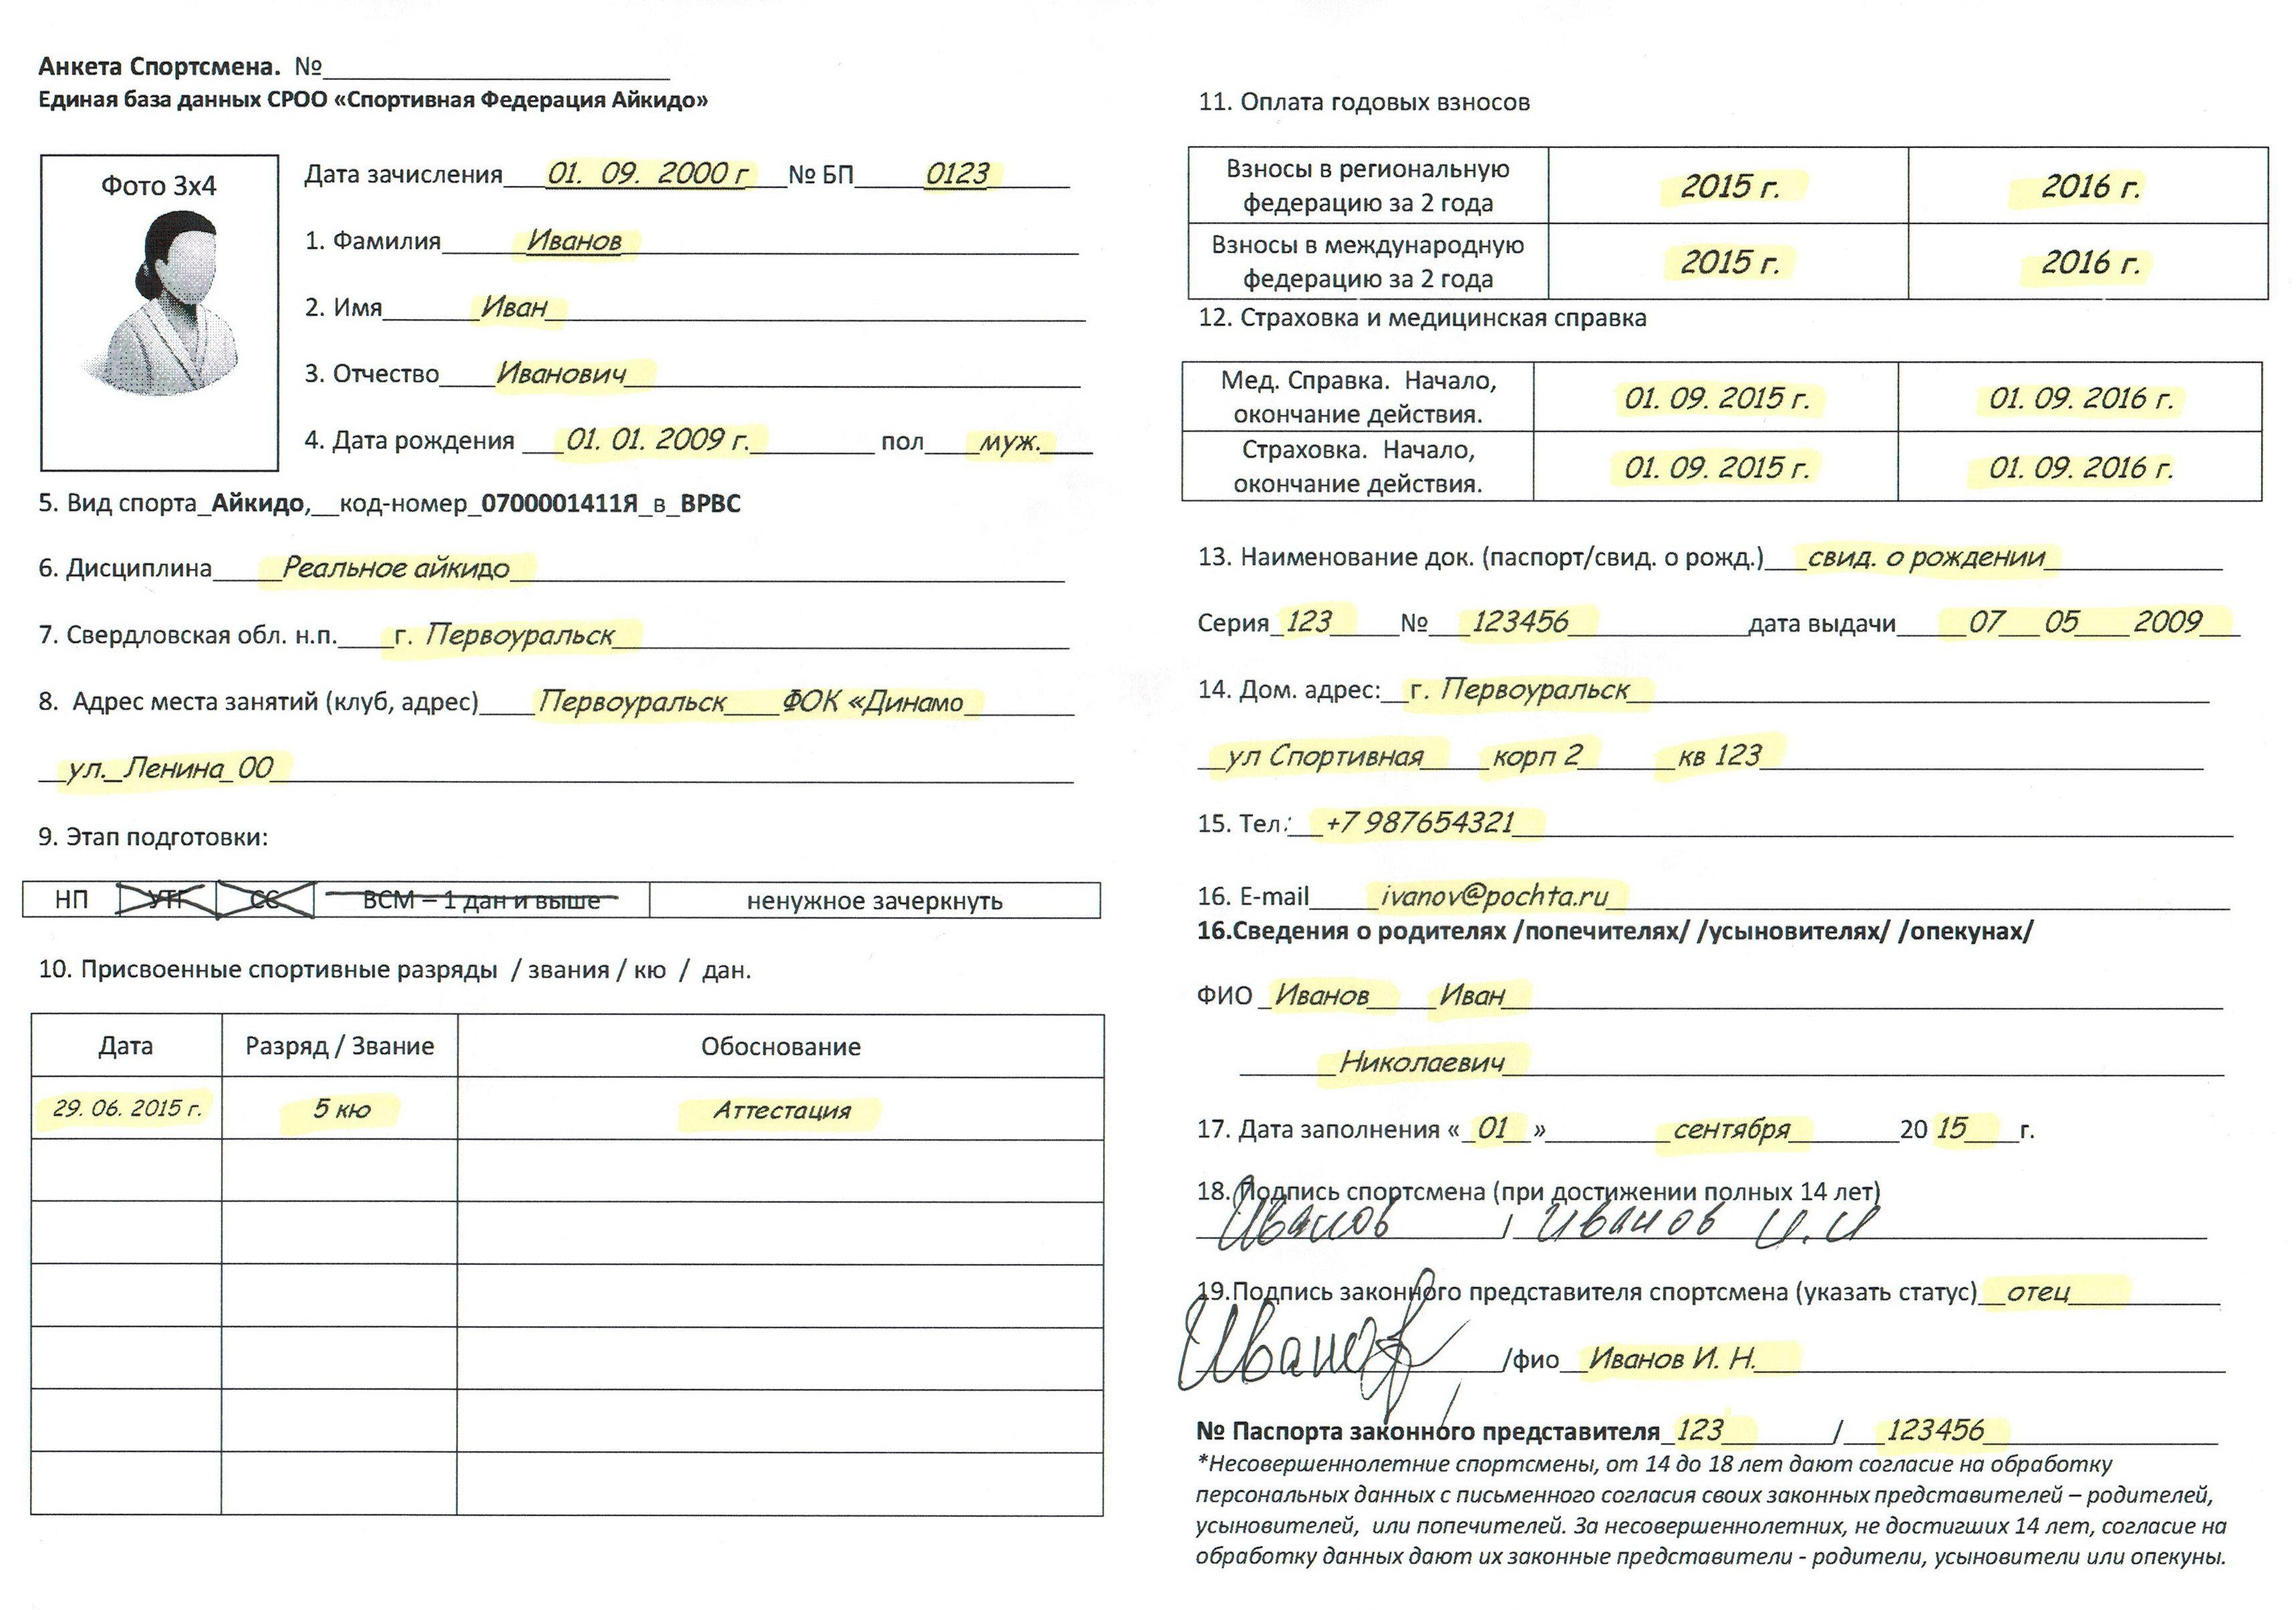 Как сделать для электронной анкеты на загранпаспорт